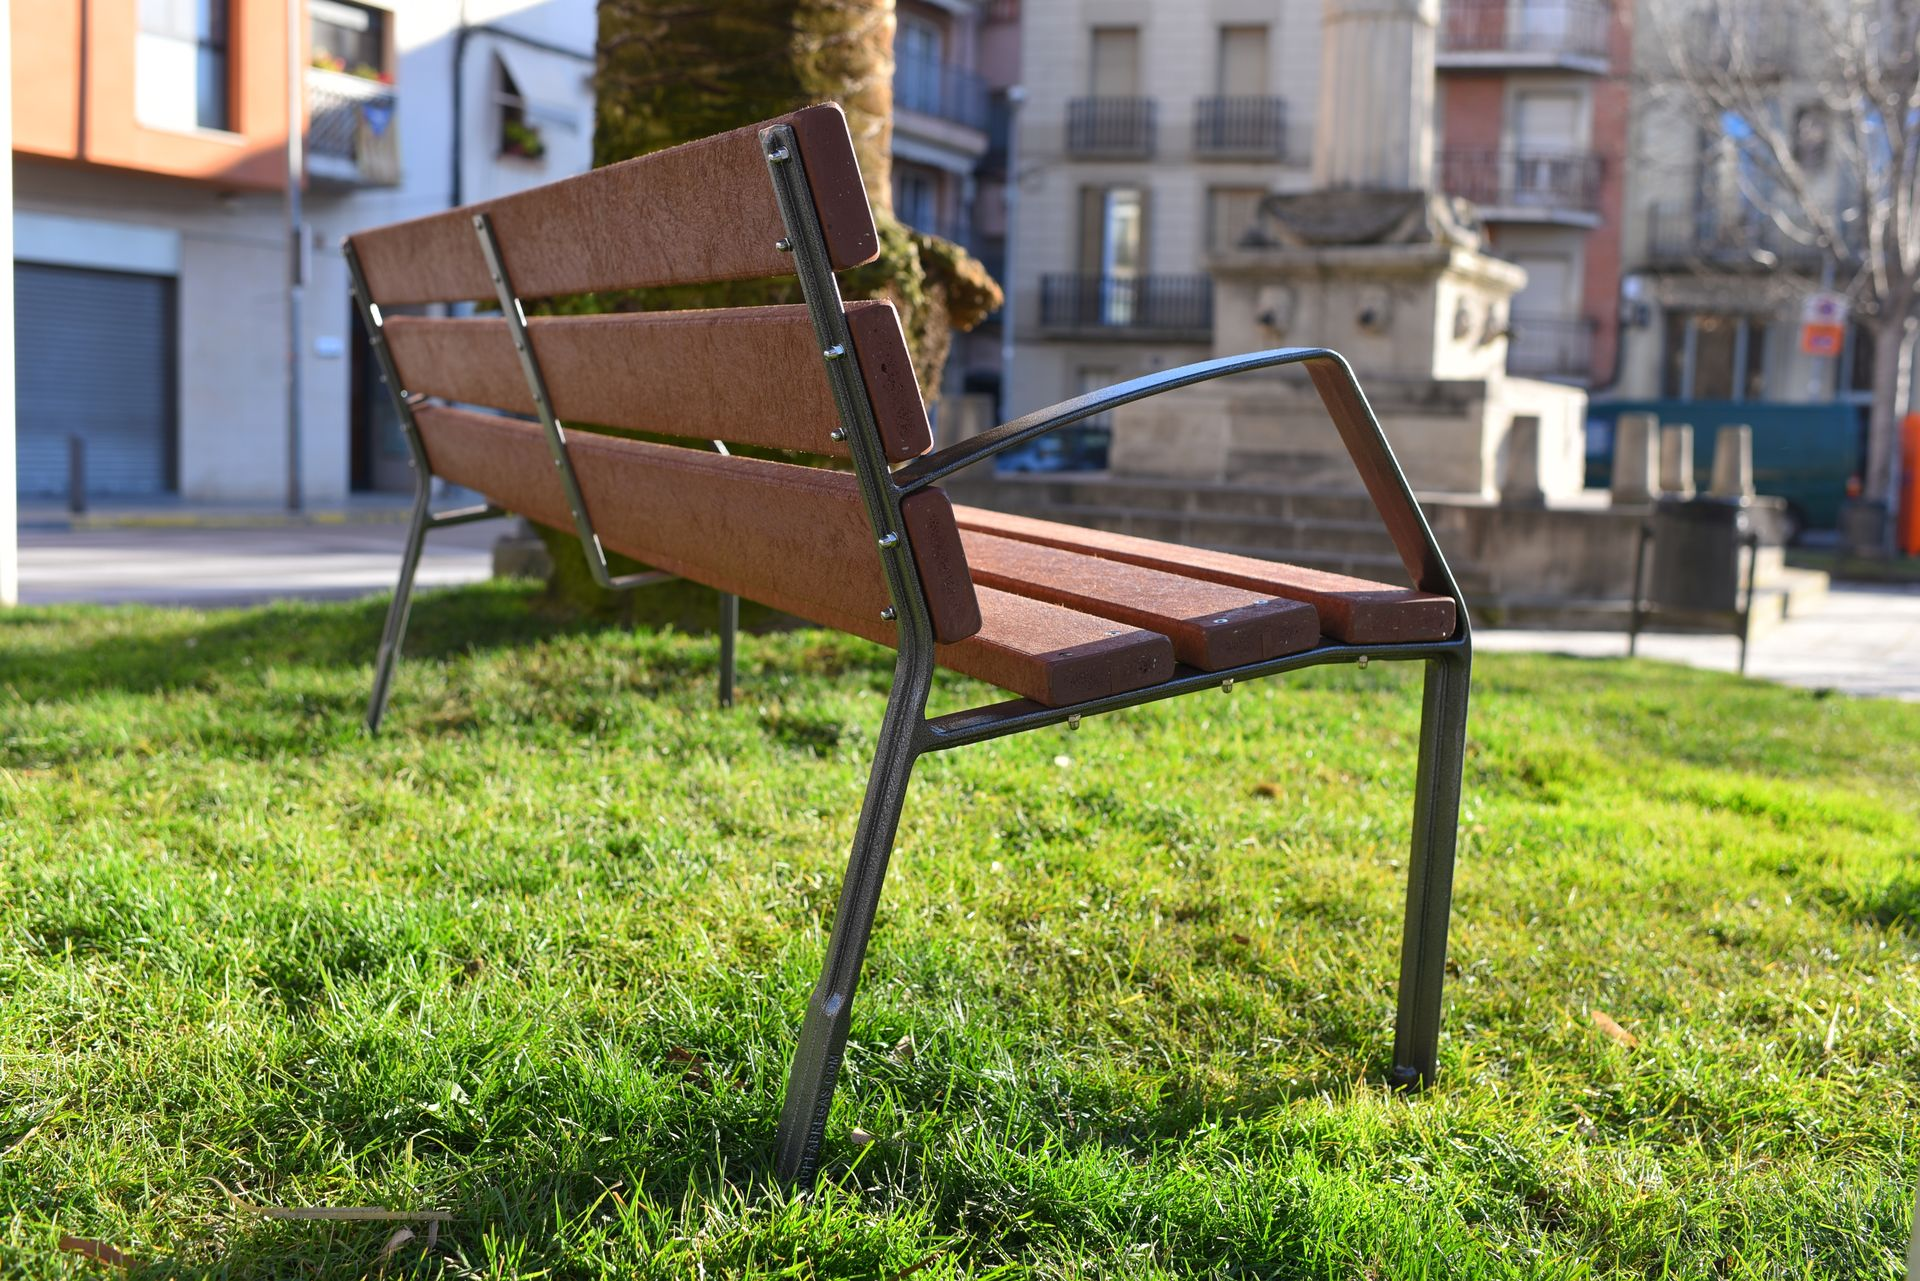 Bancos de madera para exterior modo 08 for Banco madera jardin carrefour